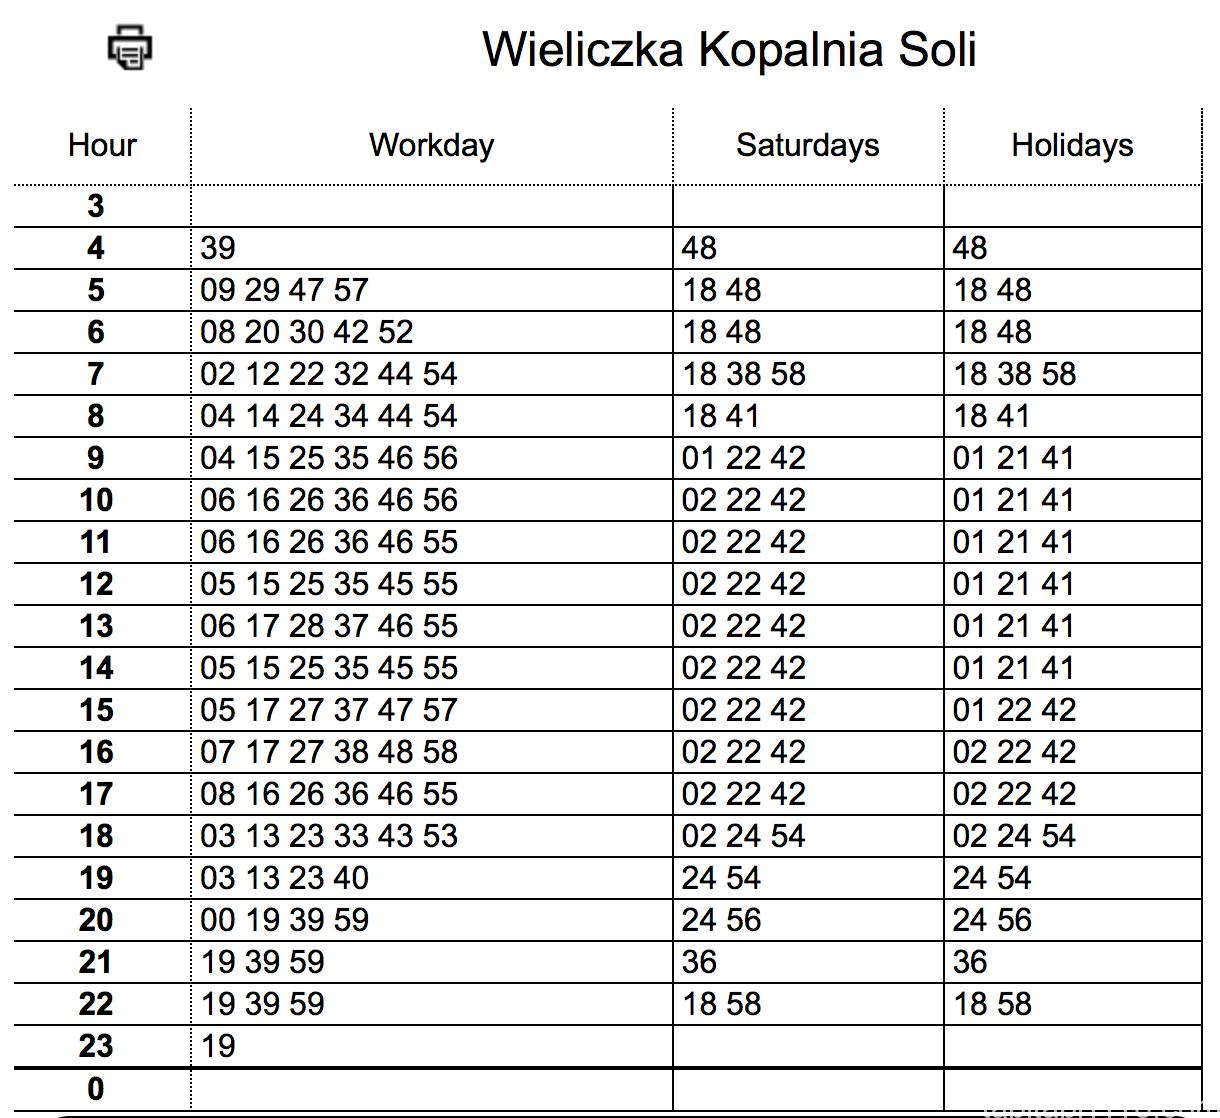 ヴィエリチカ岩塩坑からクラクフへのバス時刻表